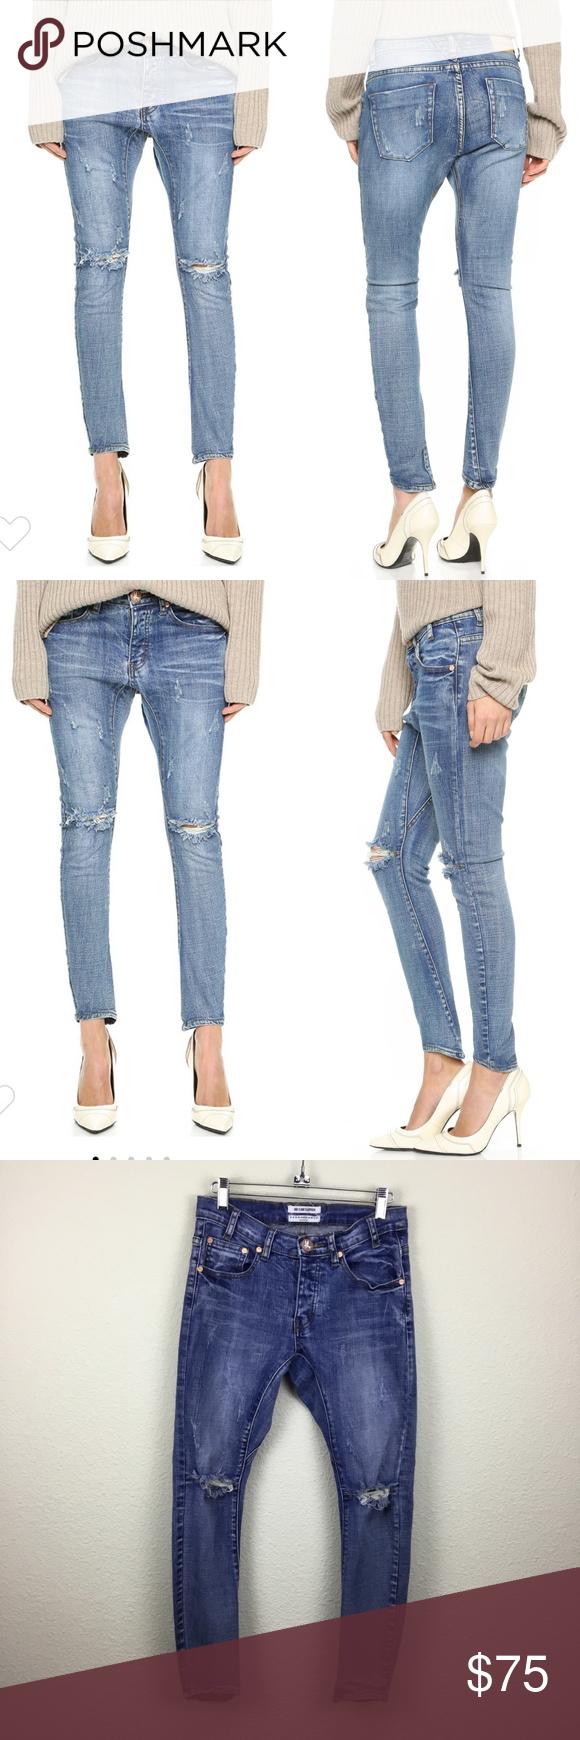 One Teaspoon Desperados Jeans Distressed Size 27 Clothes Design Fashion Design Fashion Tips